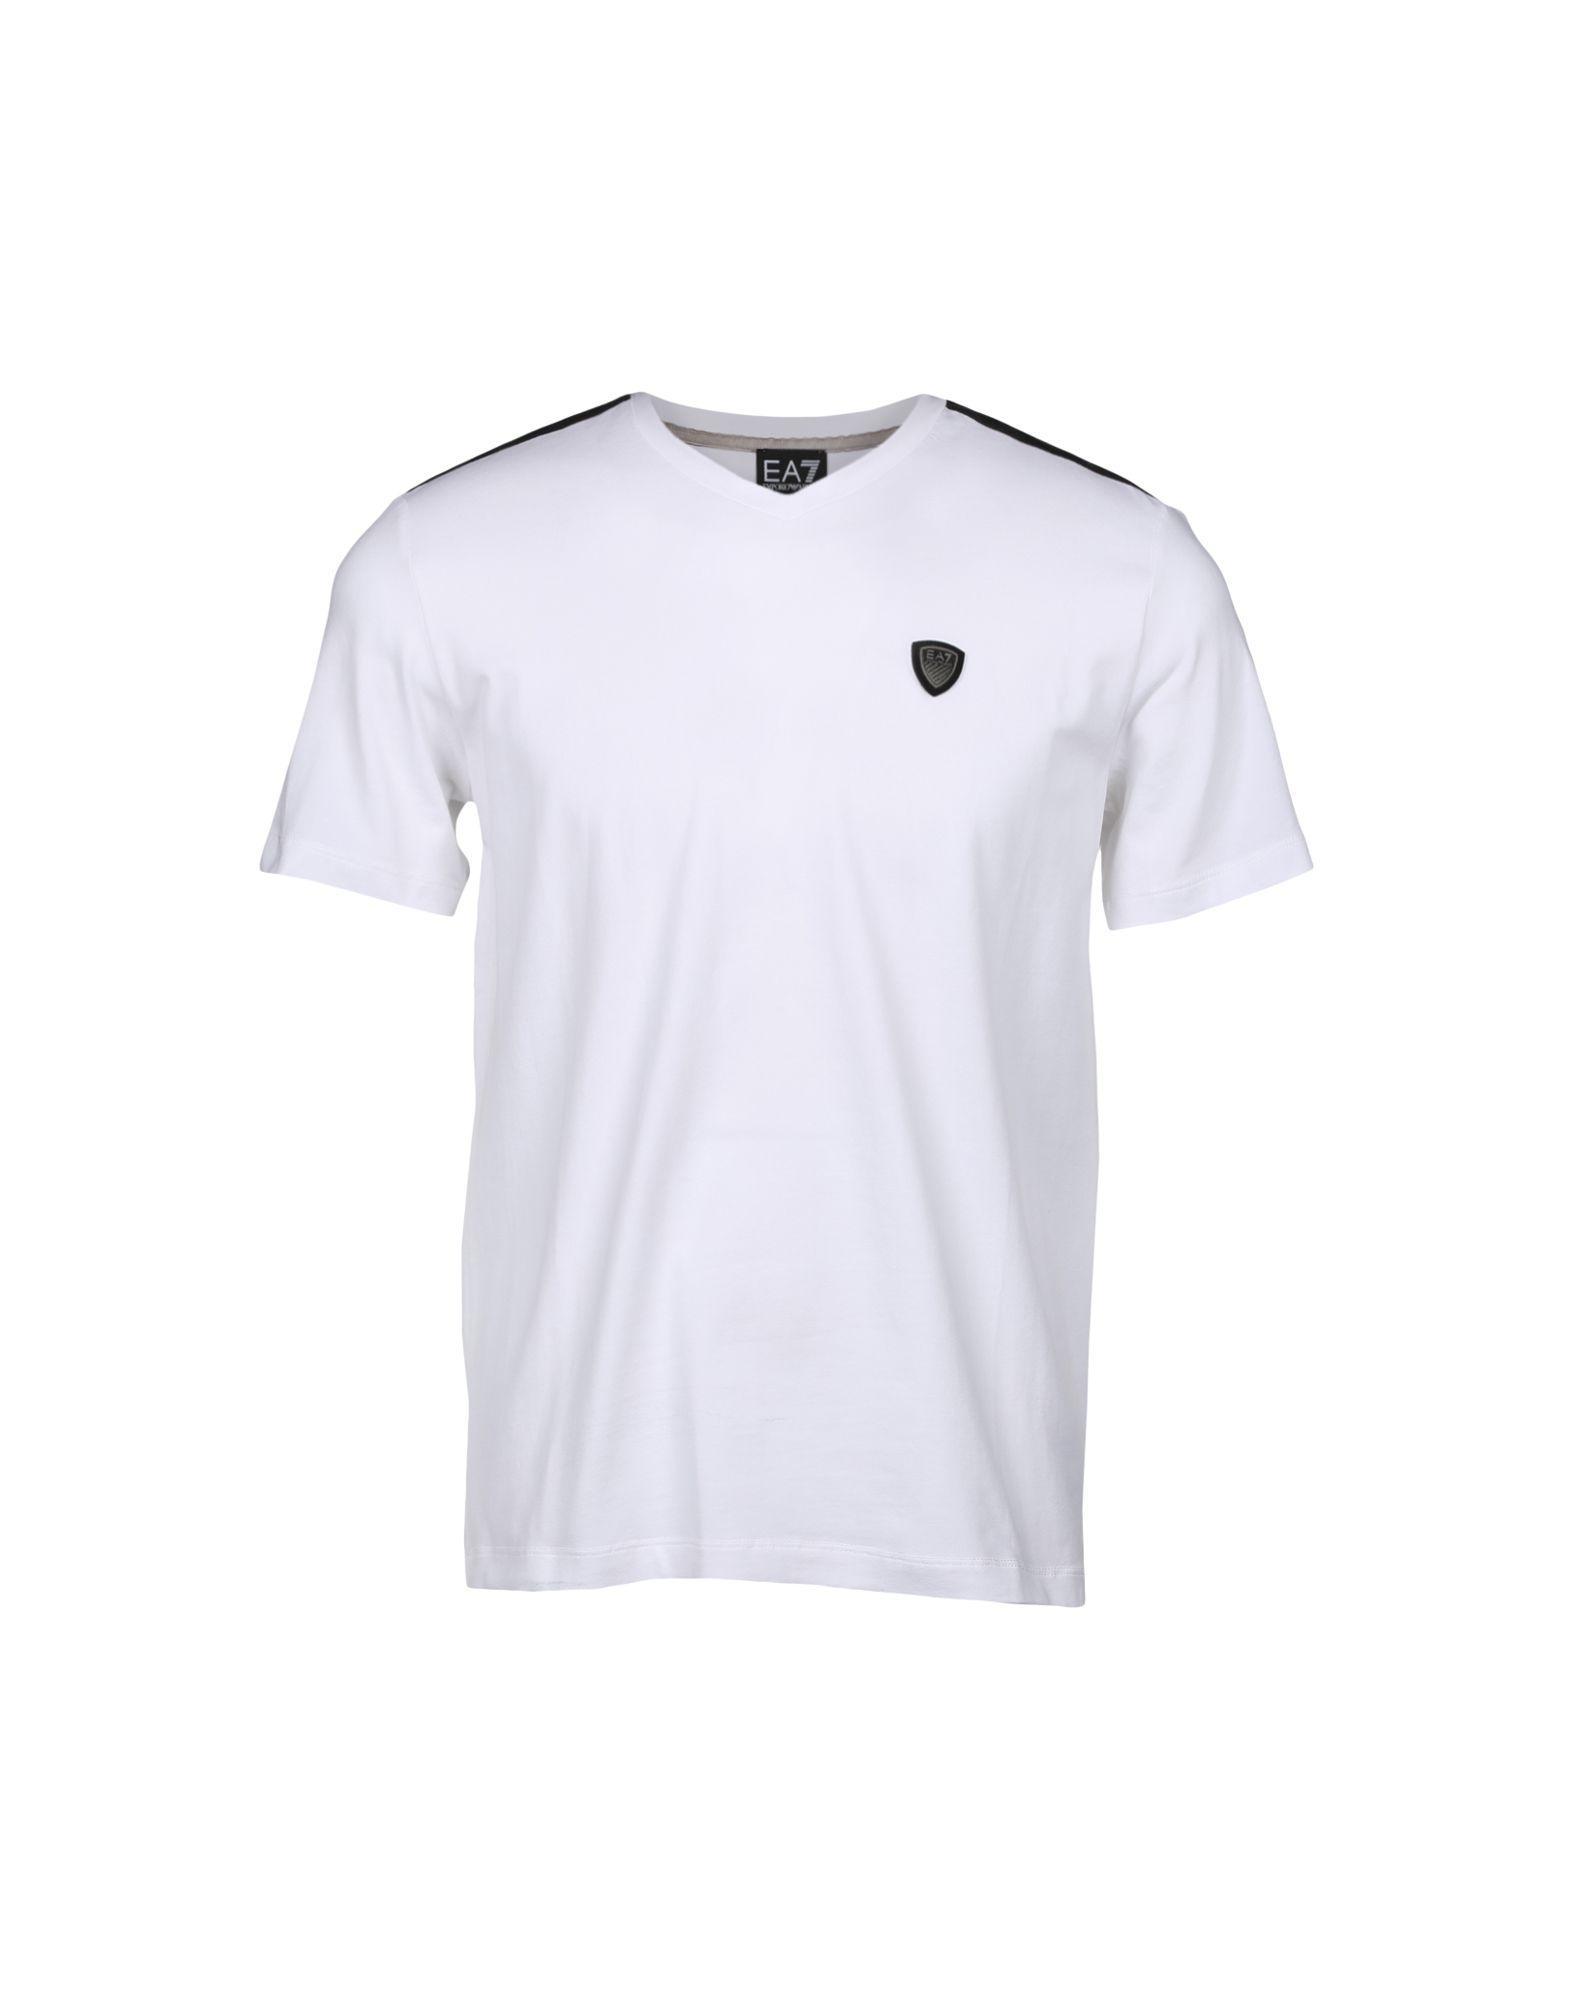 Emporio Armani T-shirts In White